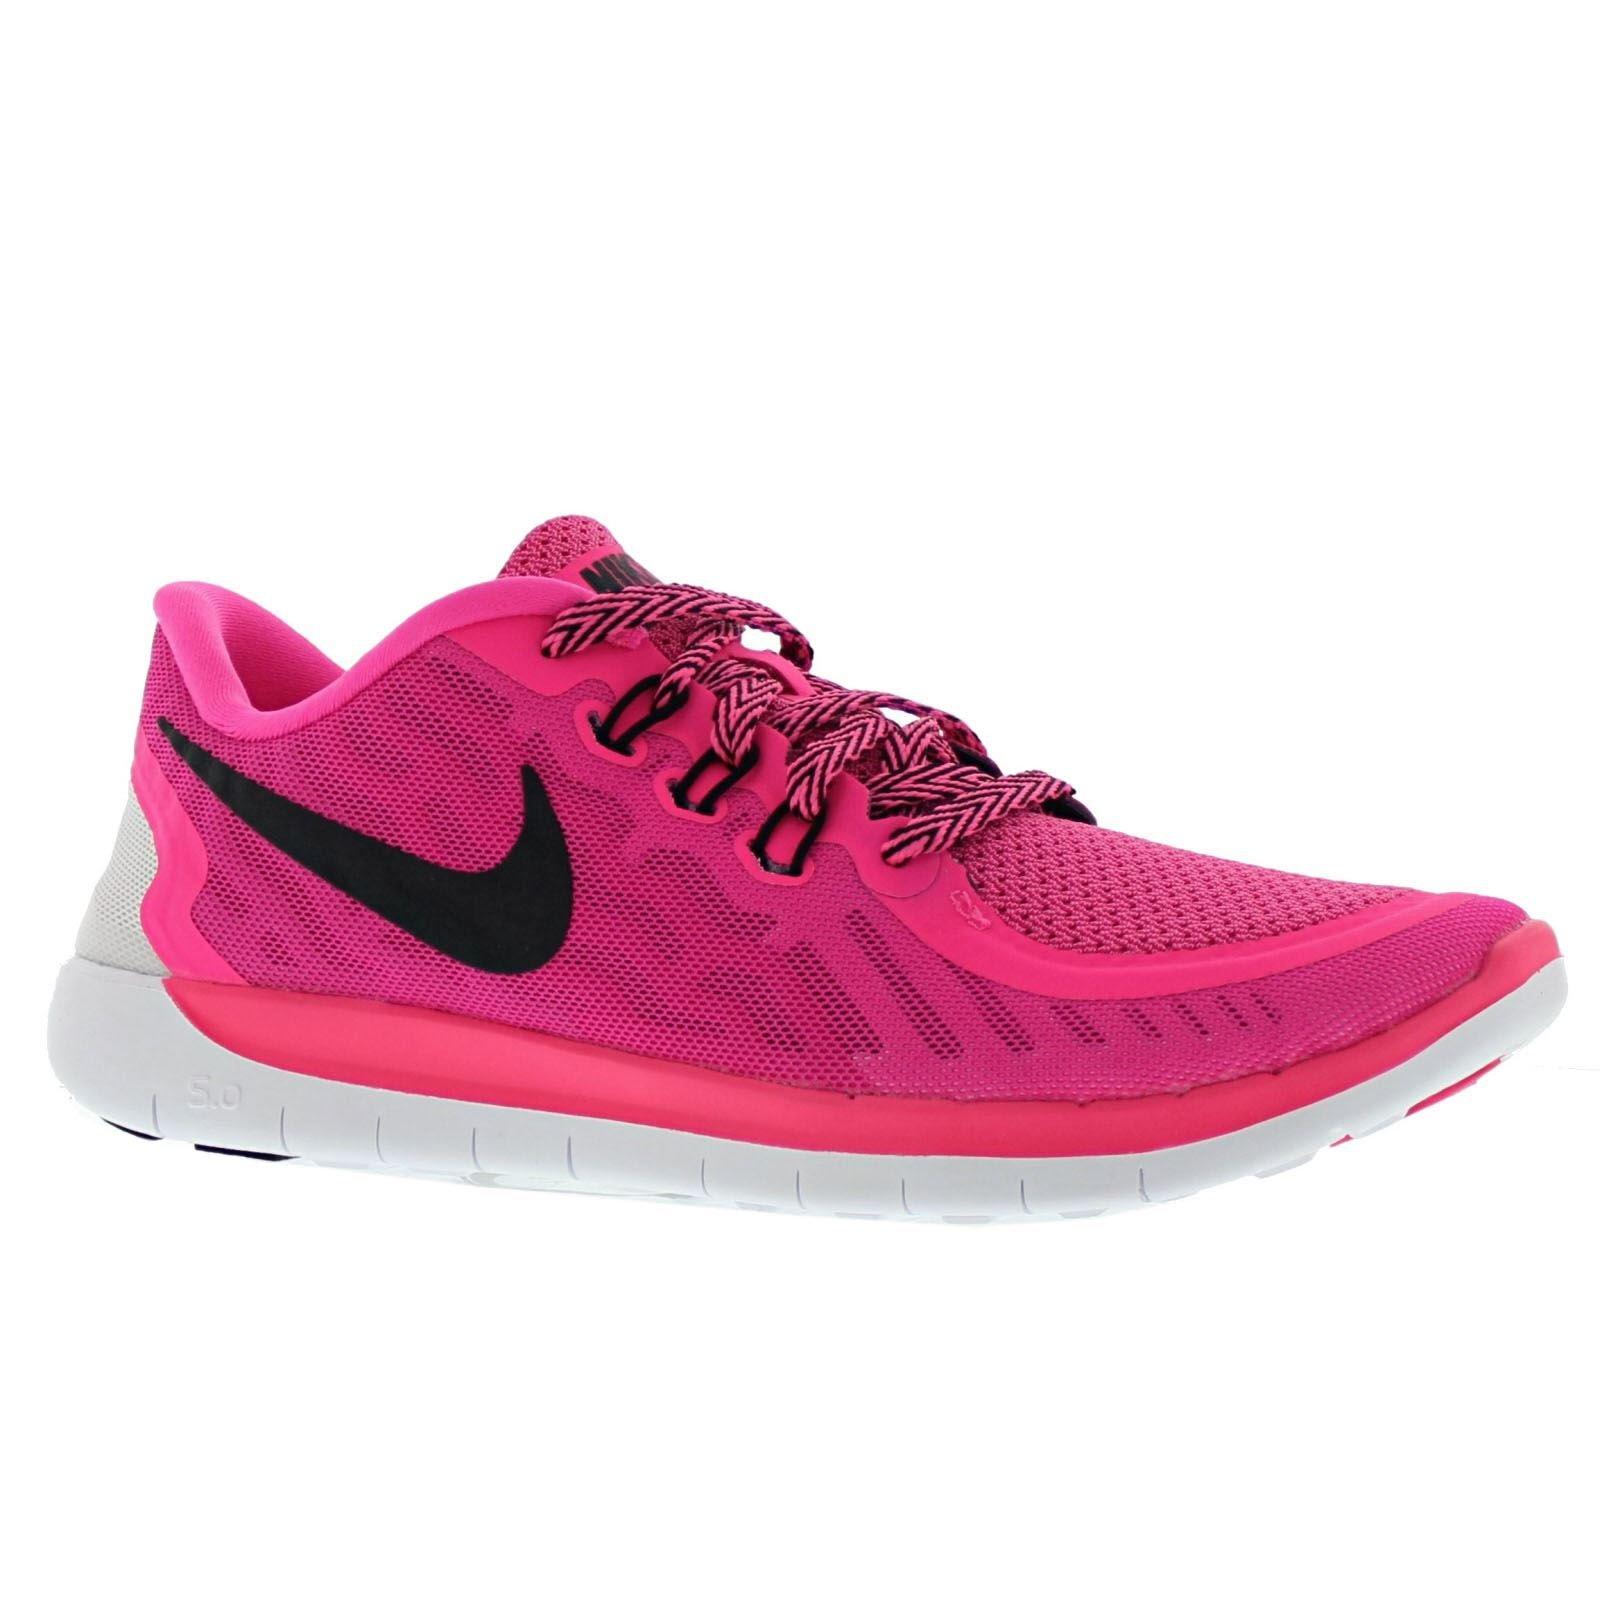 ee6348a8c Galleon - NIKE Kids Free 5.0 (GS) Pink Pow Black Vivid Pink Wht Running Shoe  6.5 Kids US